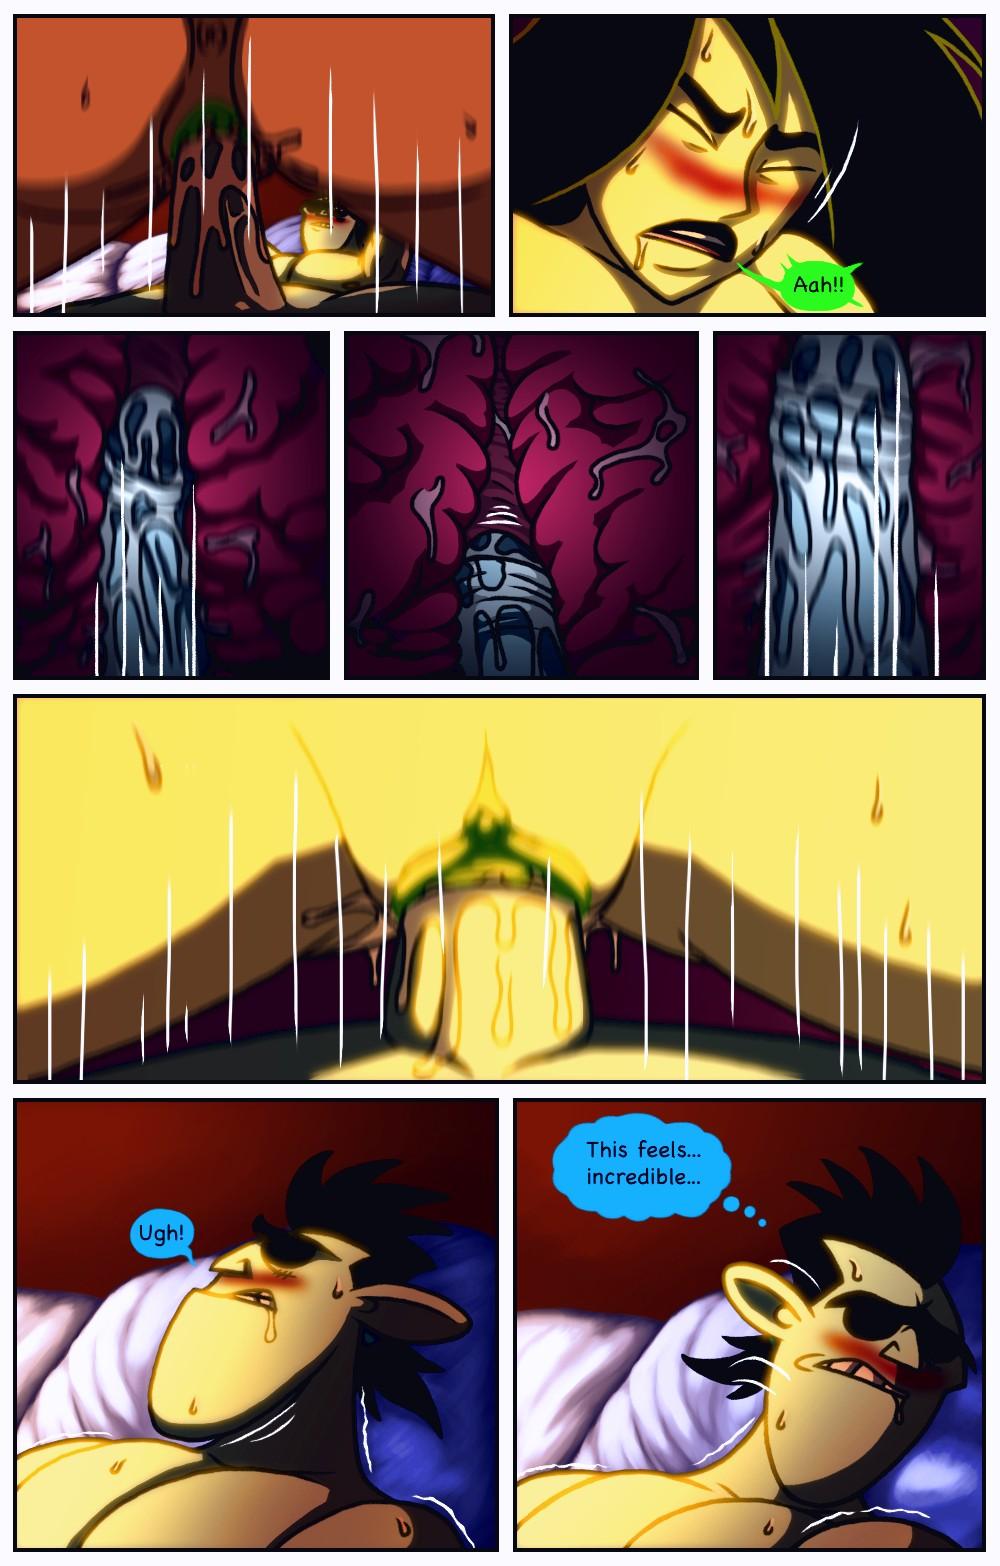 A Dangerous Date 2 porn comic page 024